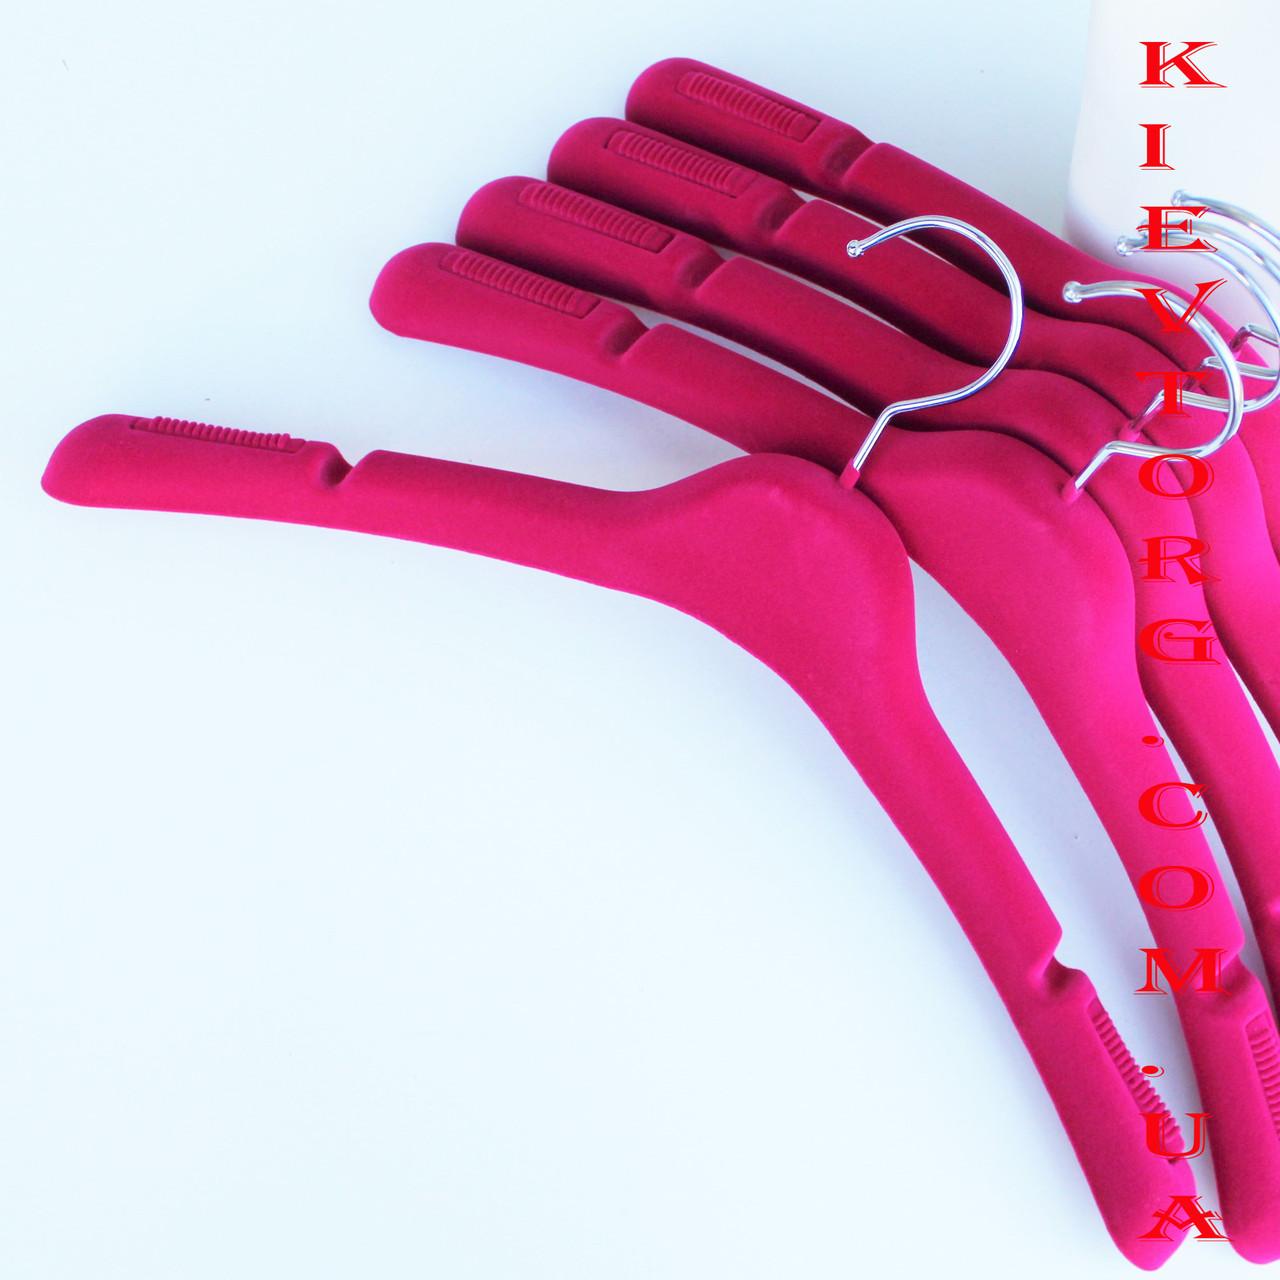 Бархатные плечики вешалки тремпеля для верхней одежды, трикотажа флокированные розовые, 43 см